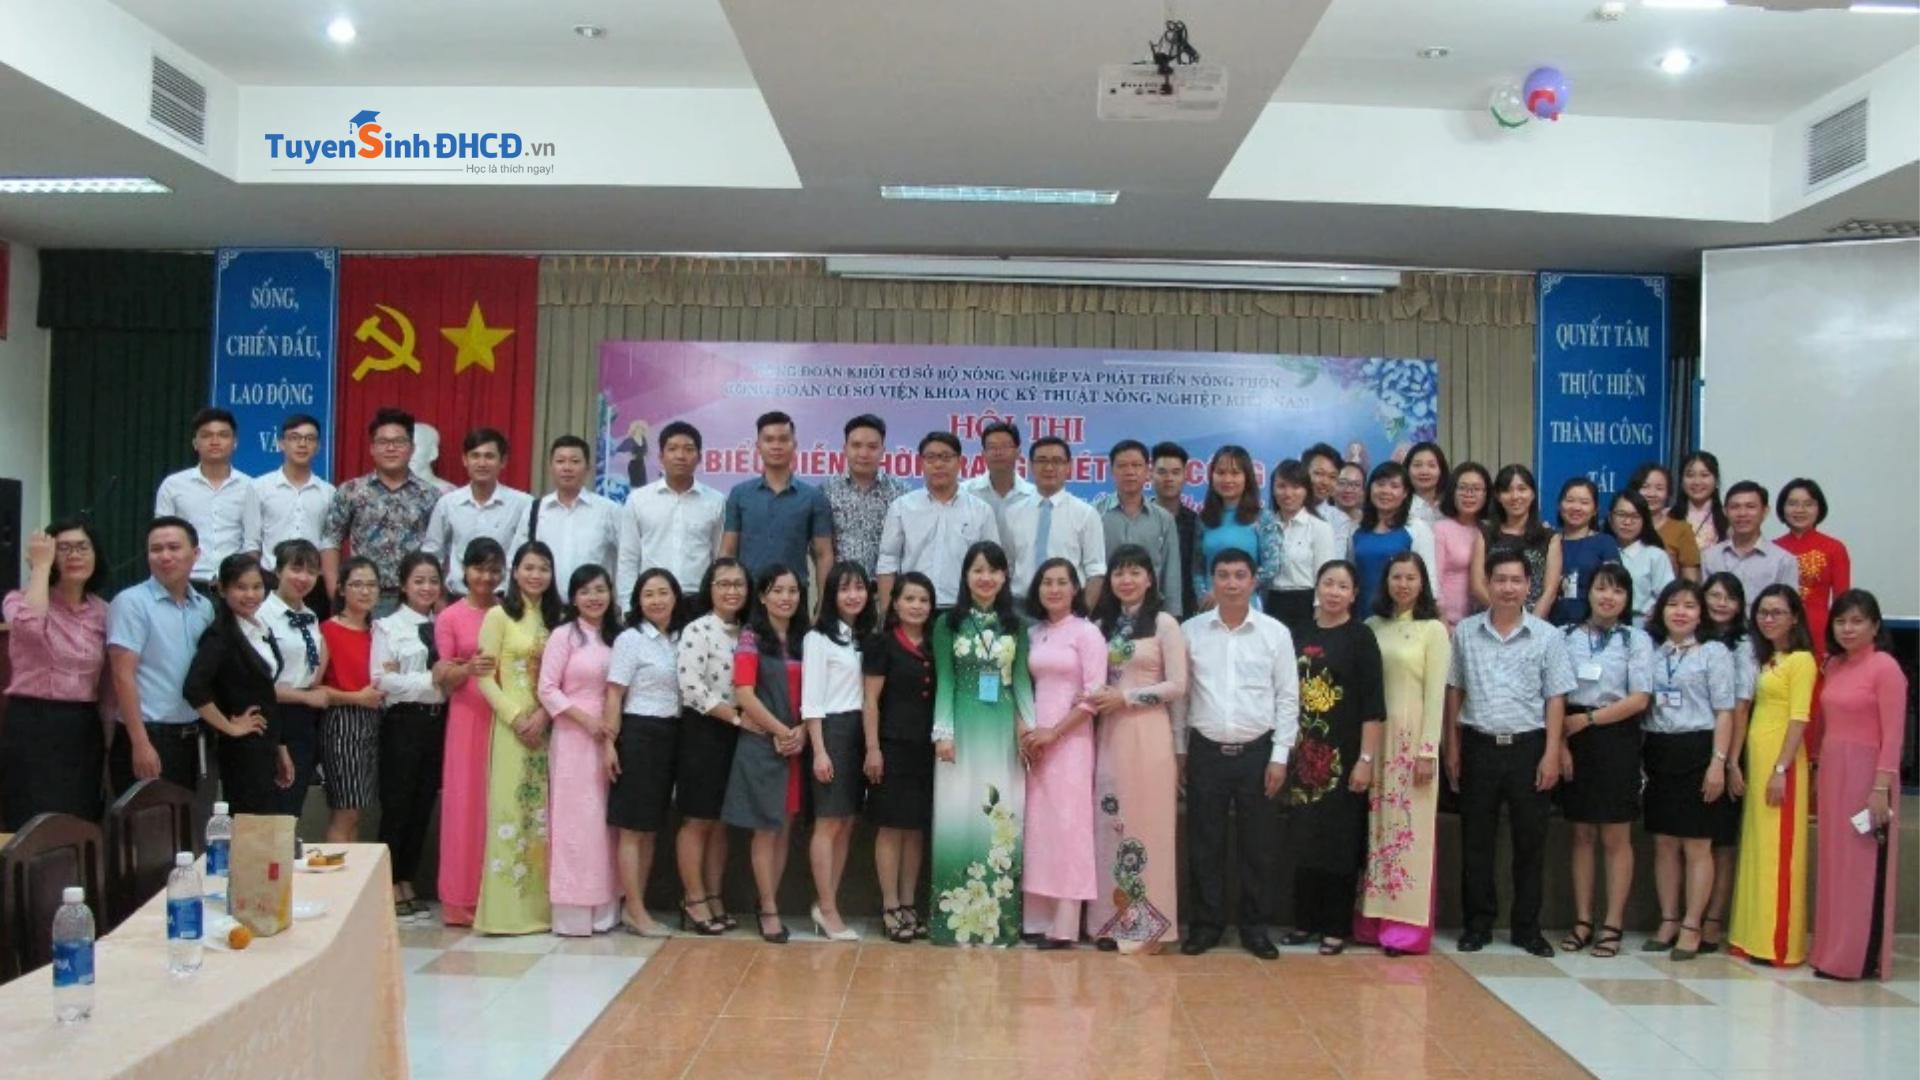 Trung tâm IAS là địa chỉ đào tạo hành chính nhân sụ uy tín tại Hồ Chí Minh